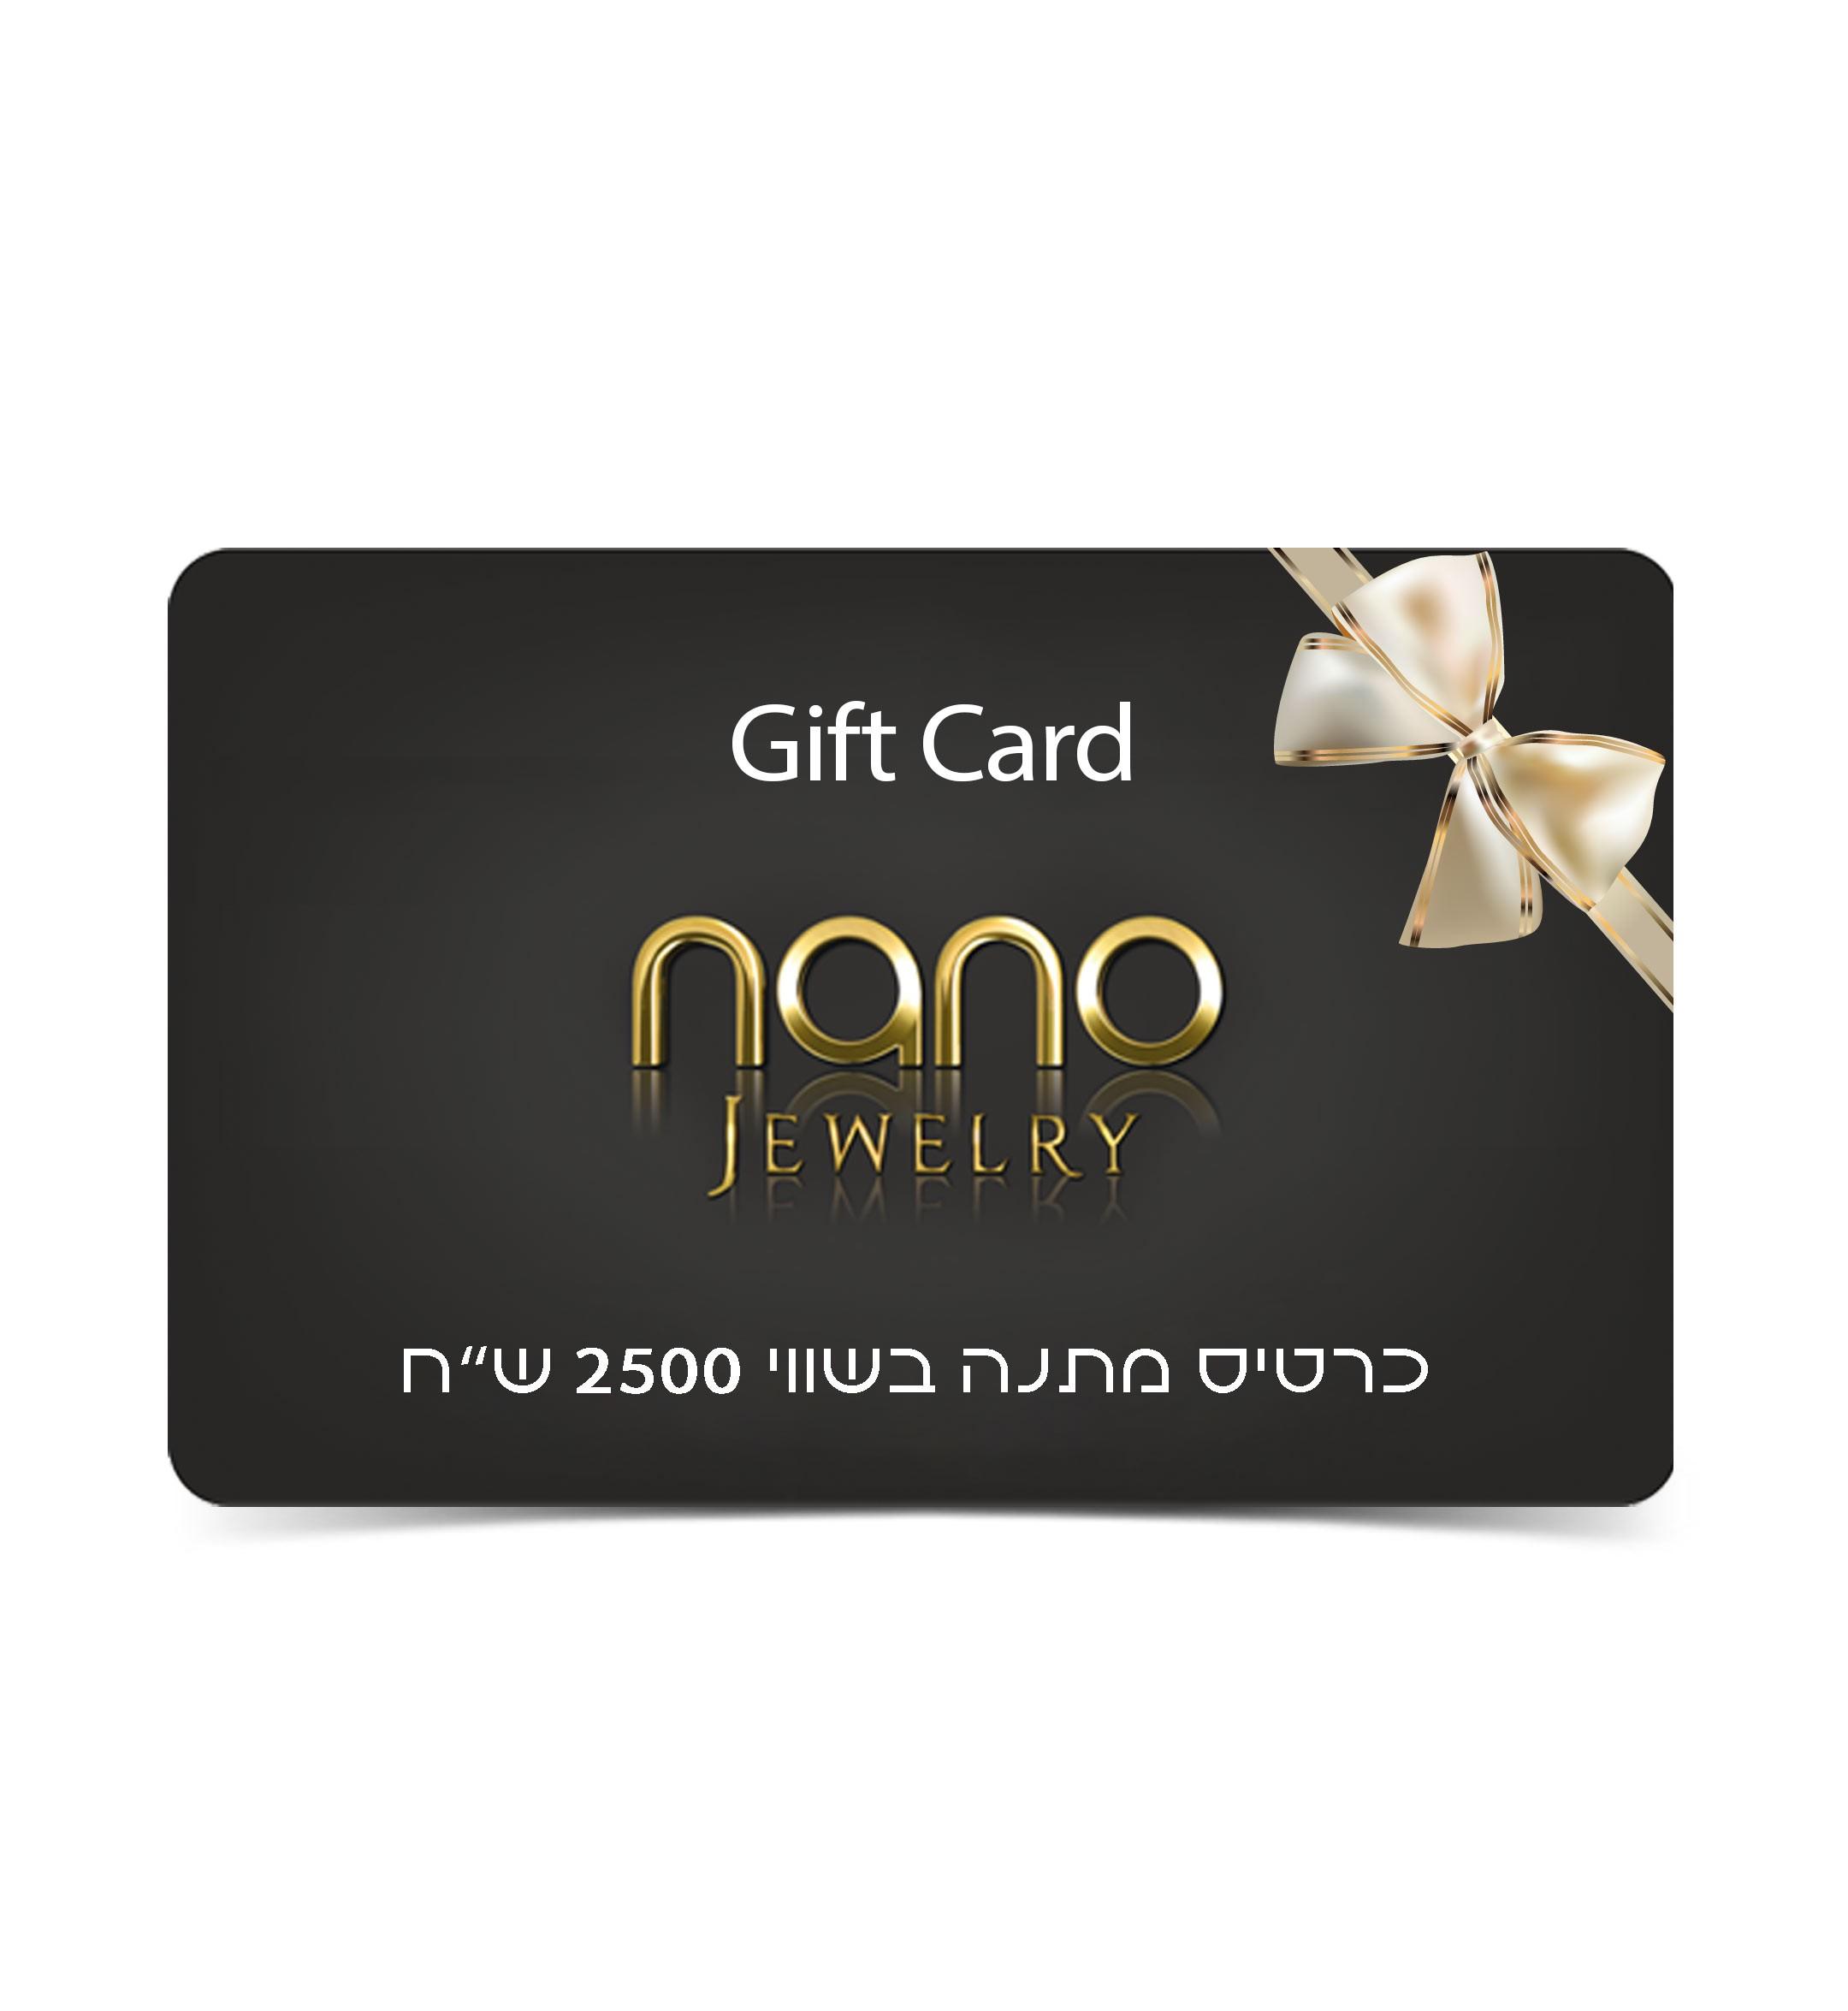 כרטיס מתנה 2500 שח - תכשיטי נאנוכרטיס מתנה 2500 שח - תכשיטי נאנו